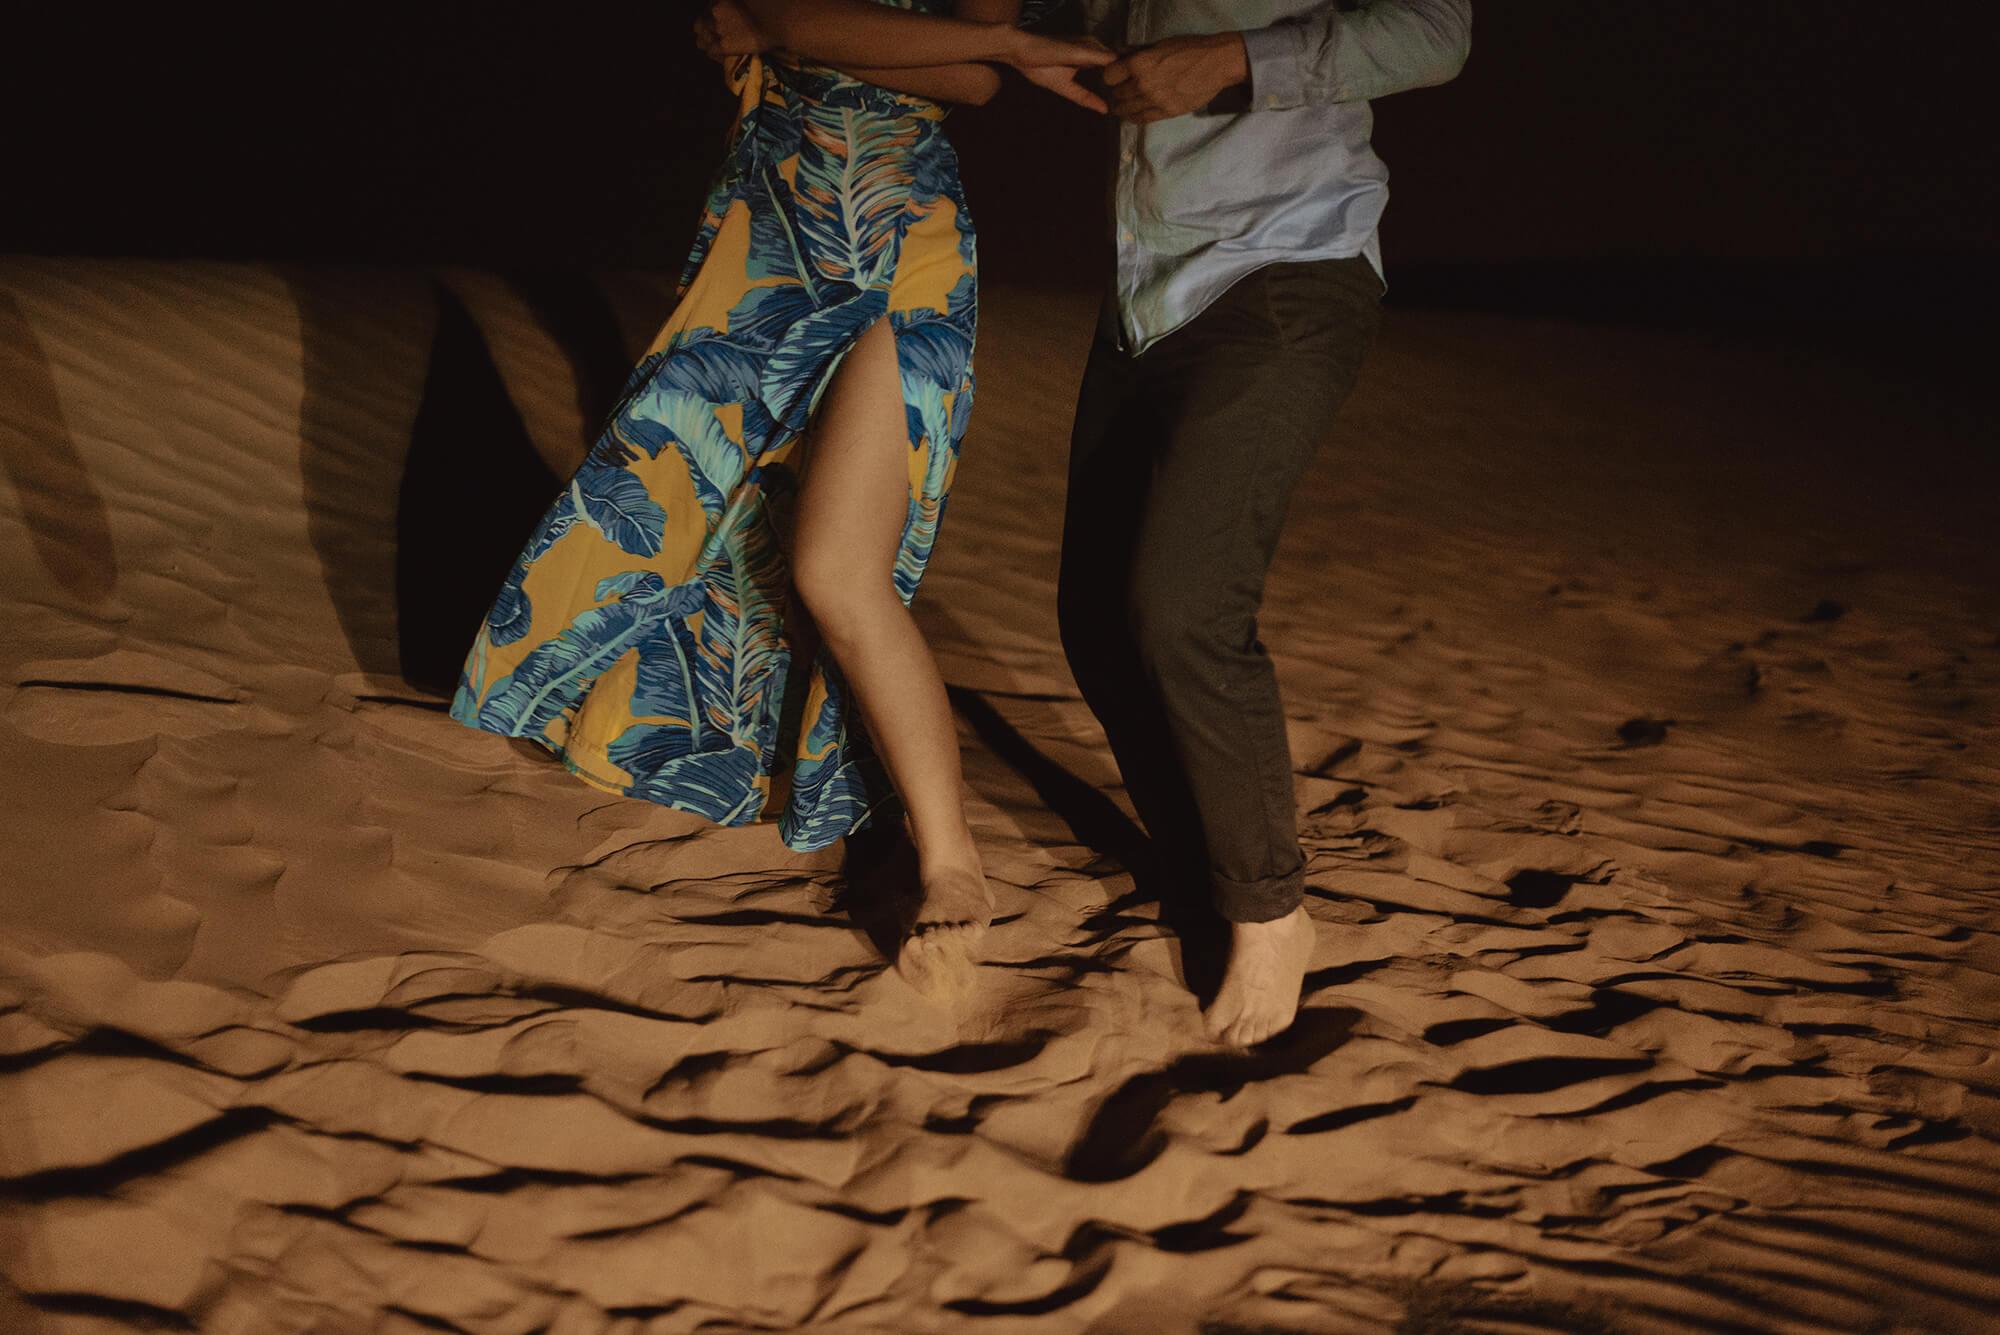 Sesja narzeczenska w dubaju3 - Citra + Kuba | miłość w Dubaju + 6 powodów dlaczego sesja narzeczeńska jest tak ważna